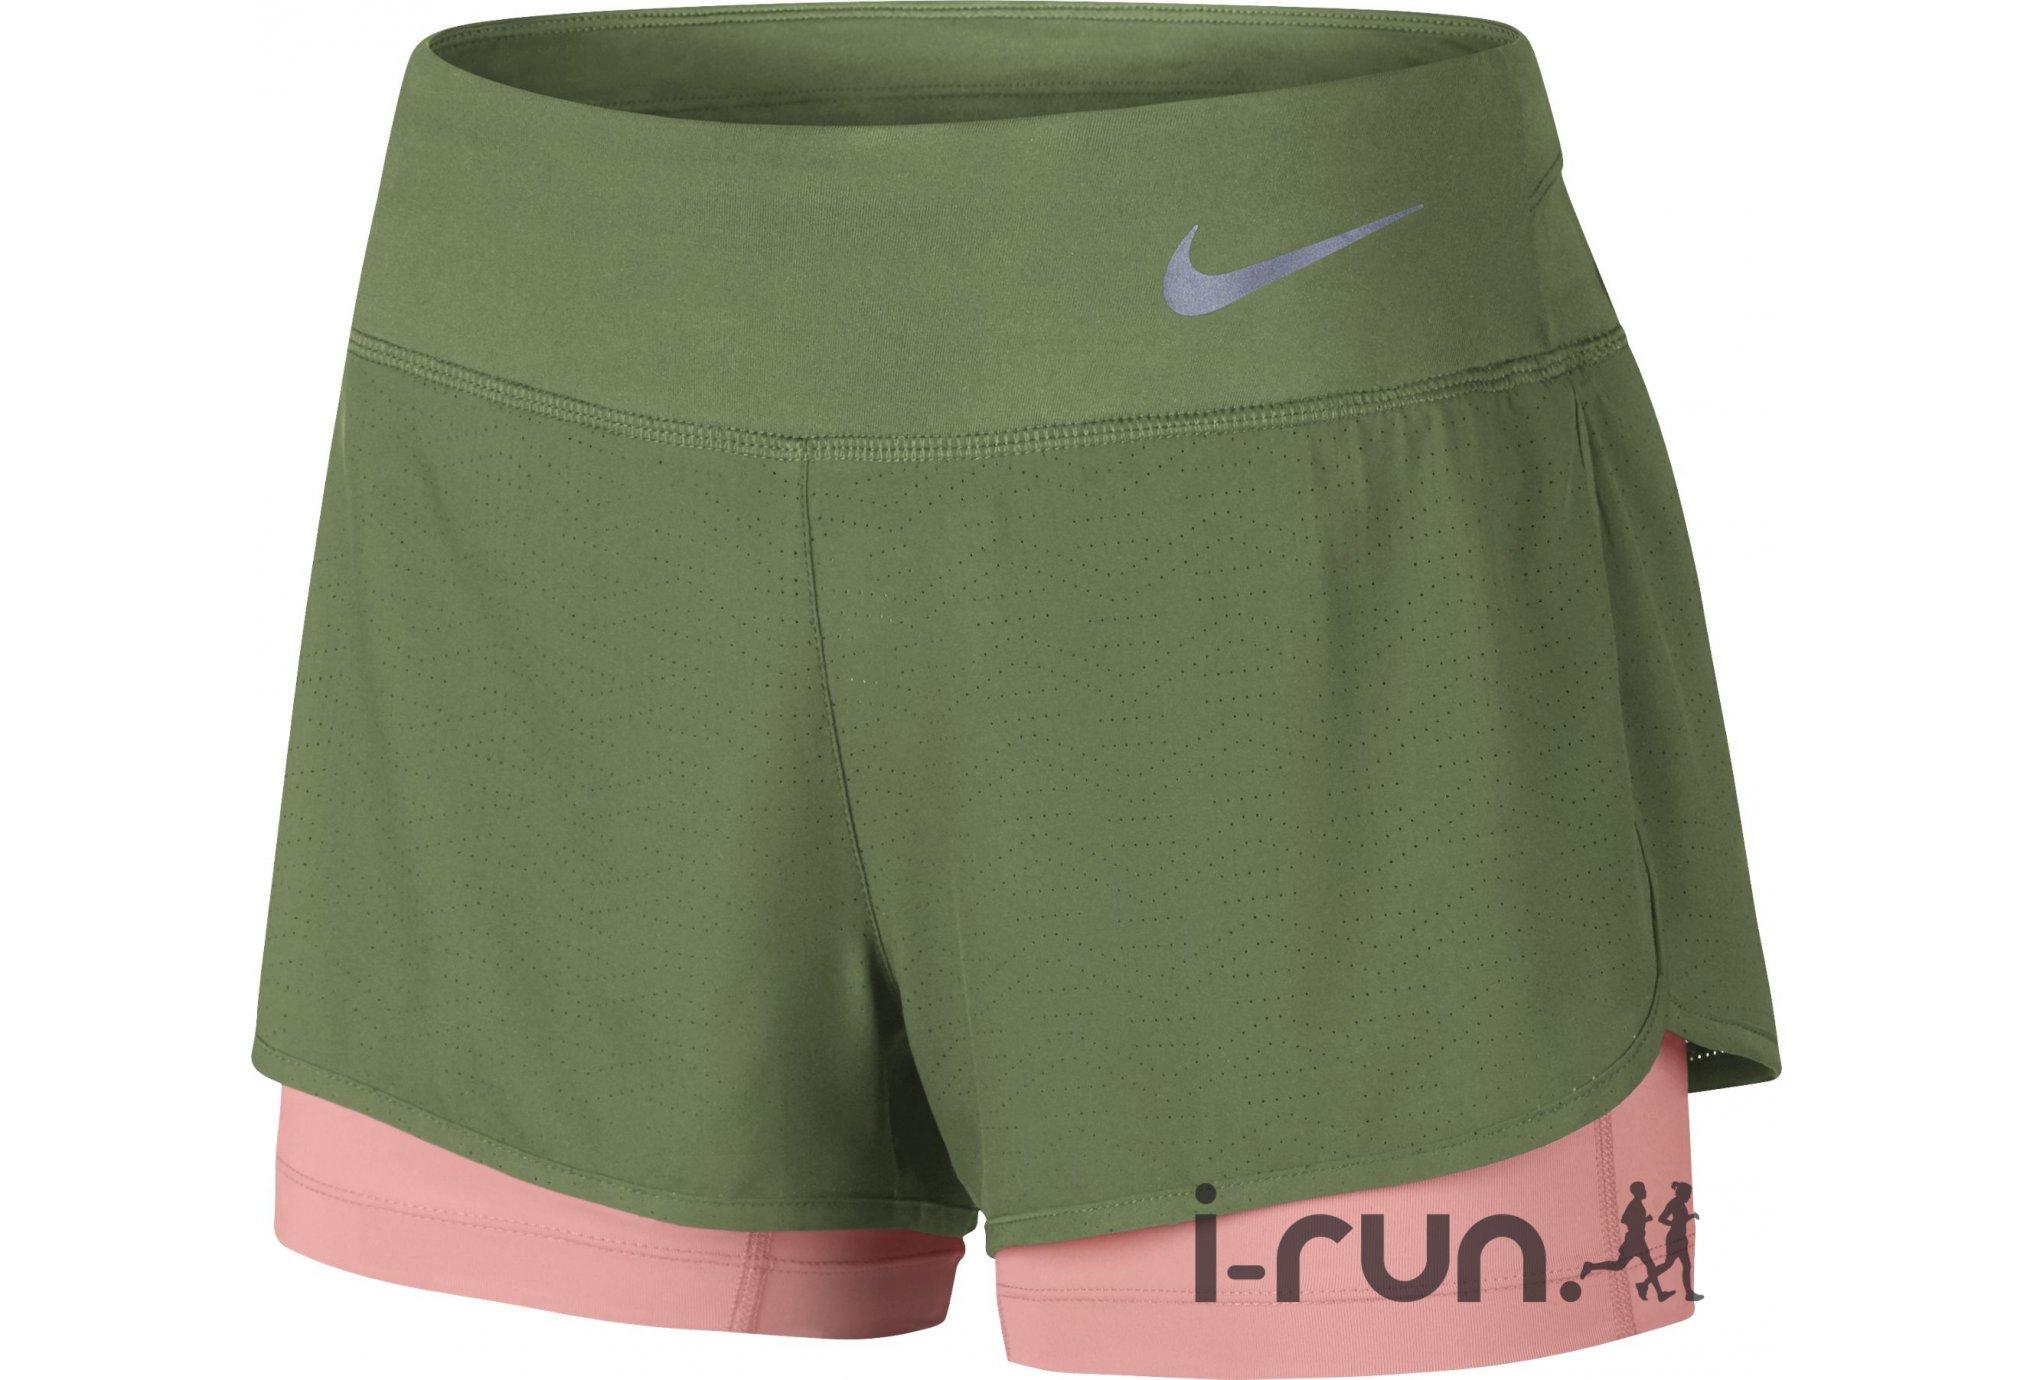 De Liste Vêtements Nike Jupes P6rqf Femme Shorts Produits Cuissards D9YebW2EHI